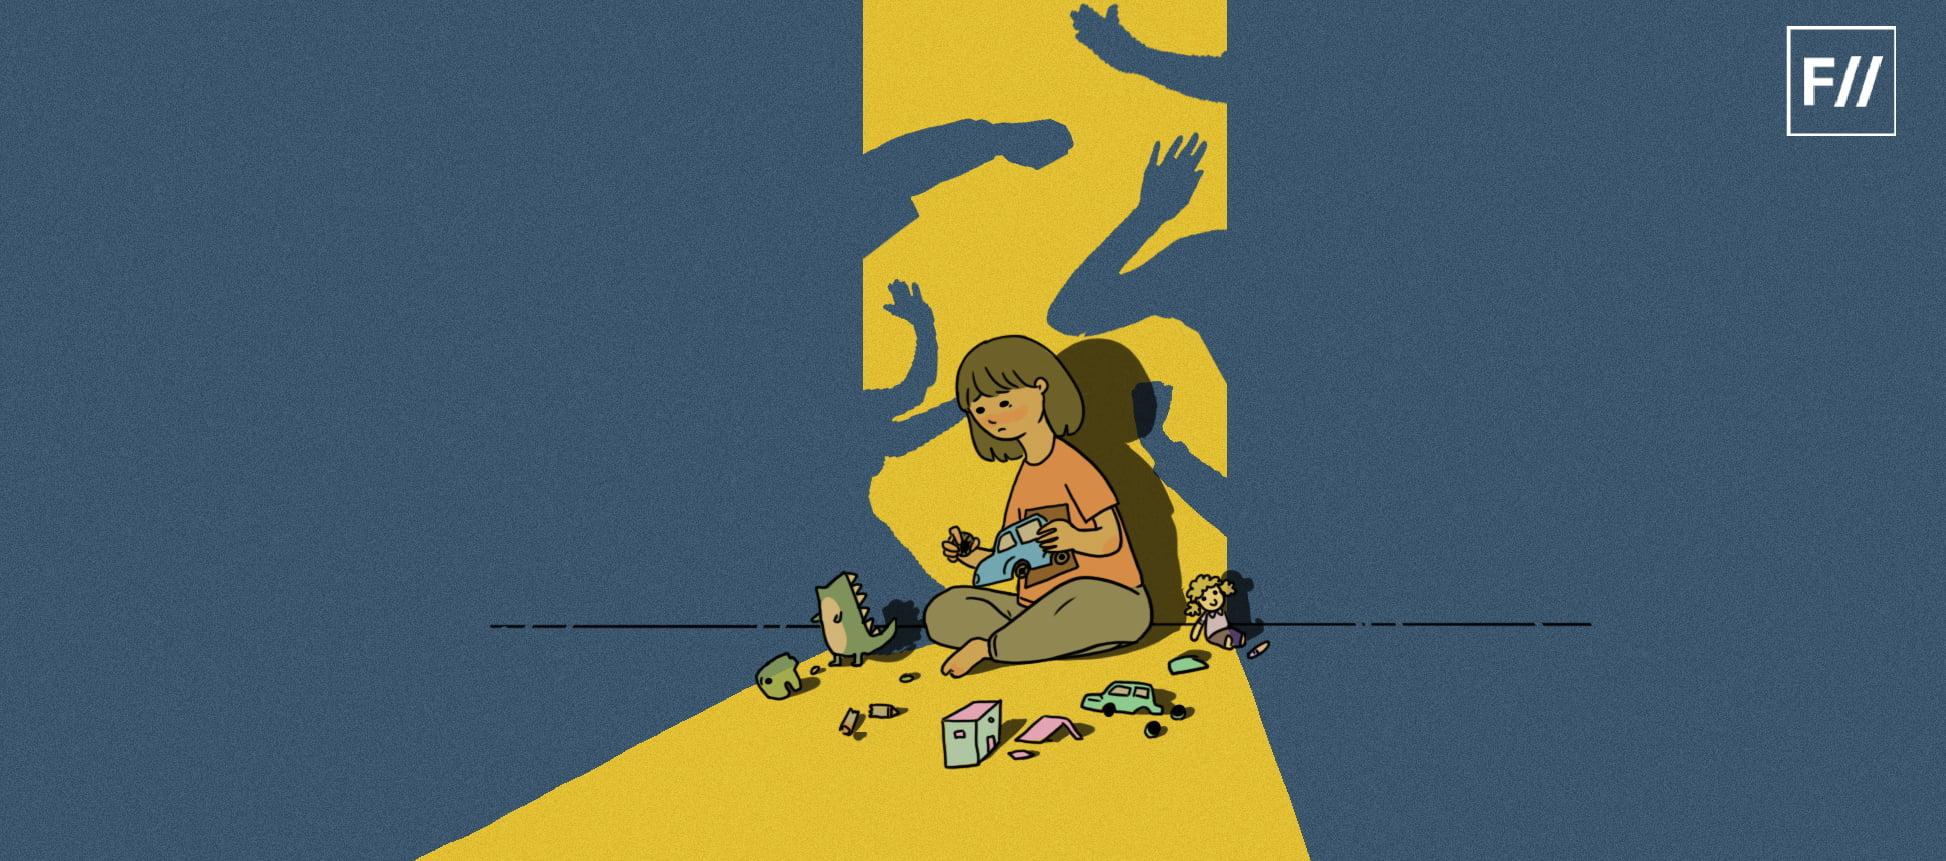 बाल यौन शोषण के पर है जागरूकता और संवेदनशीलता की कमी